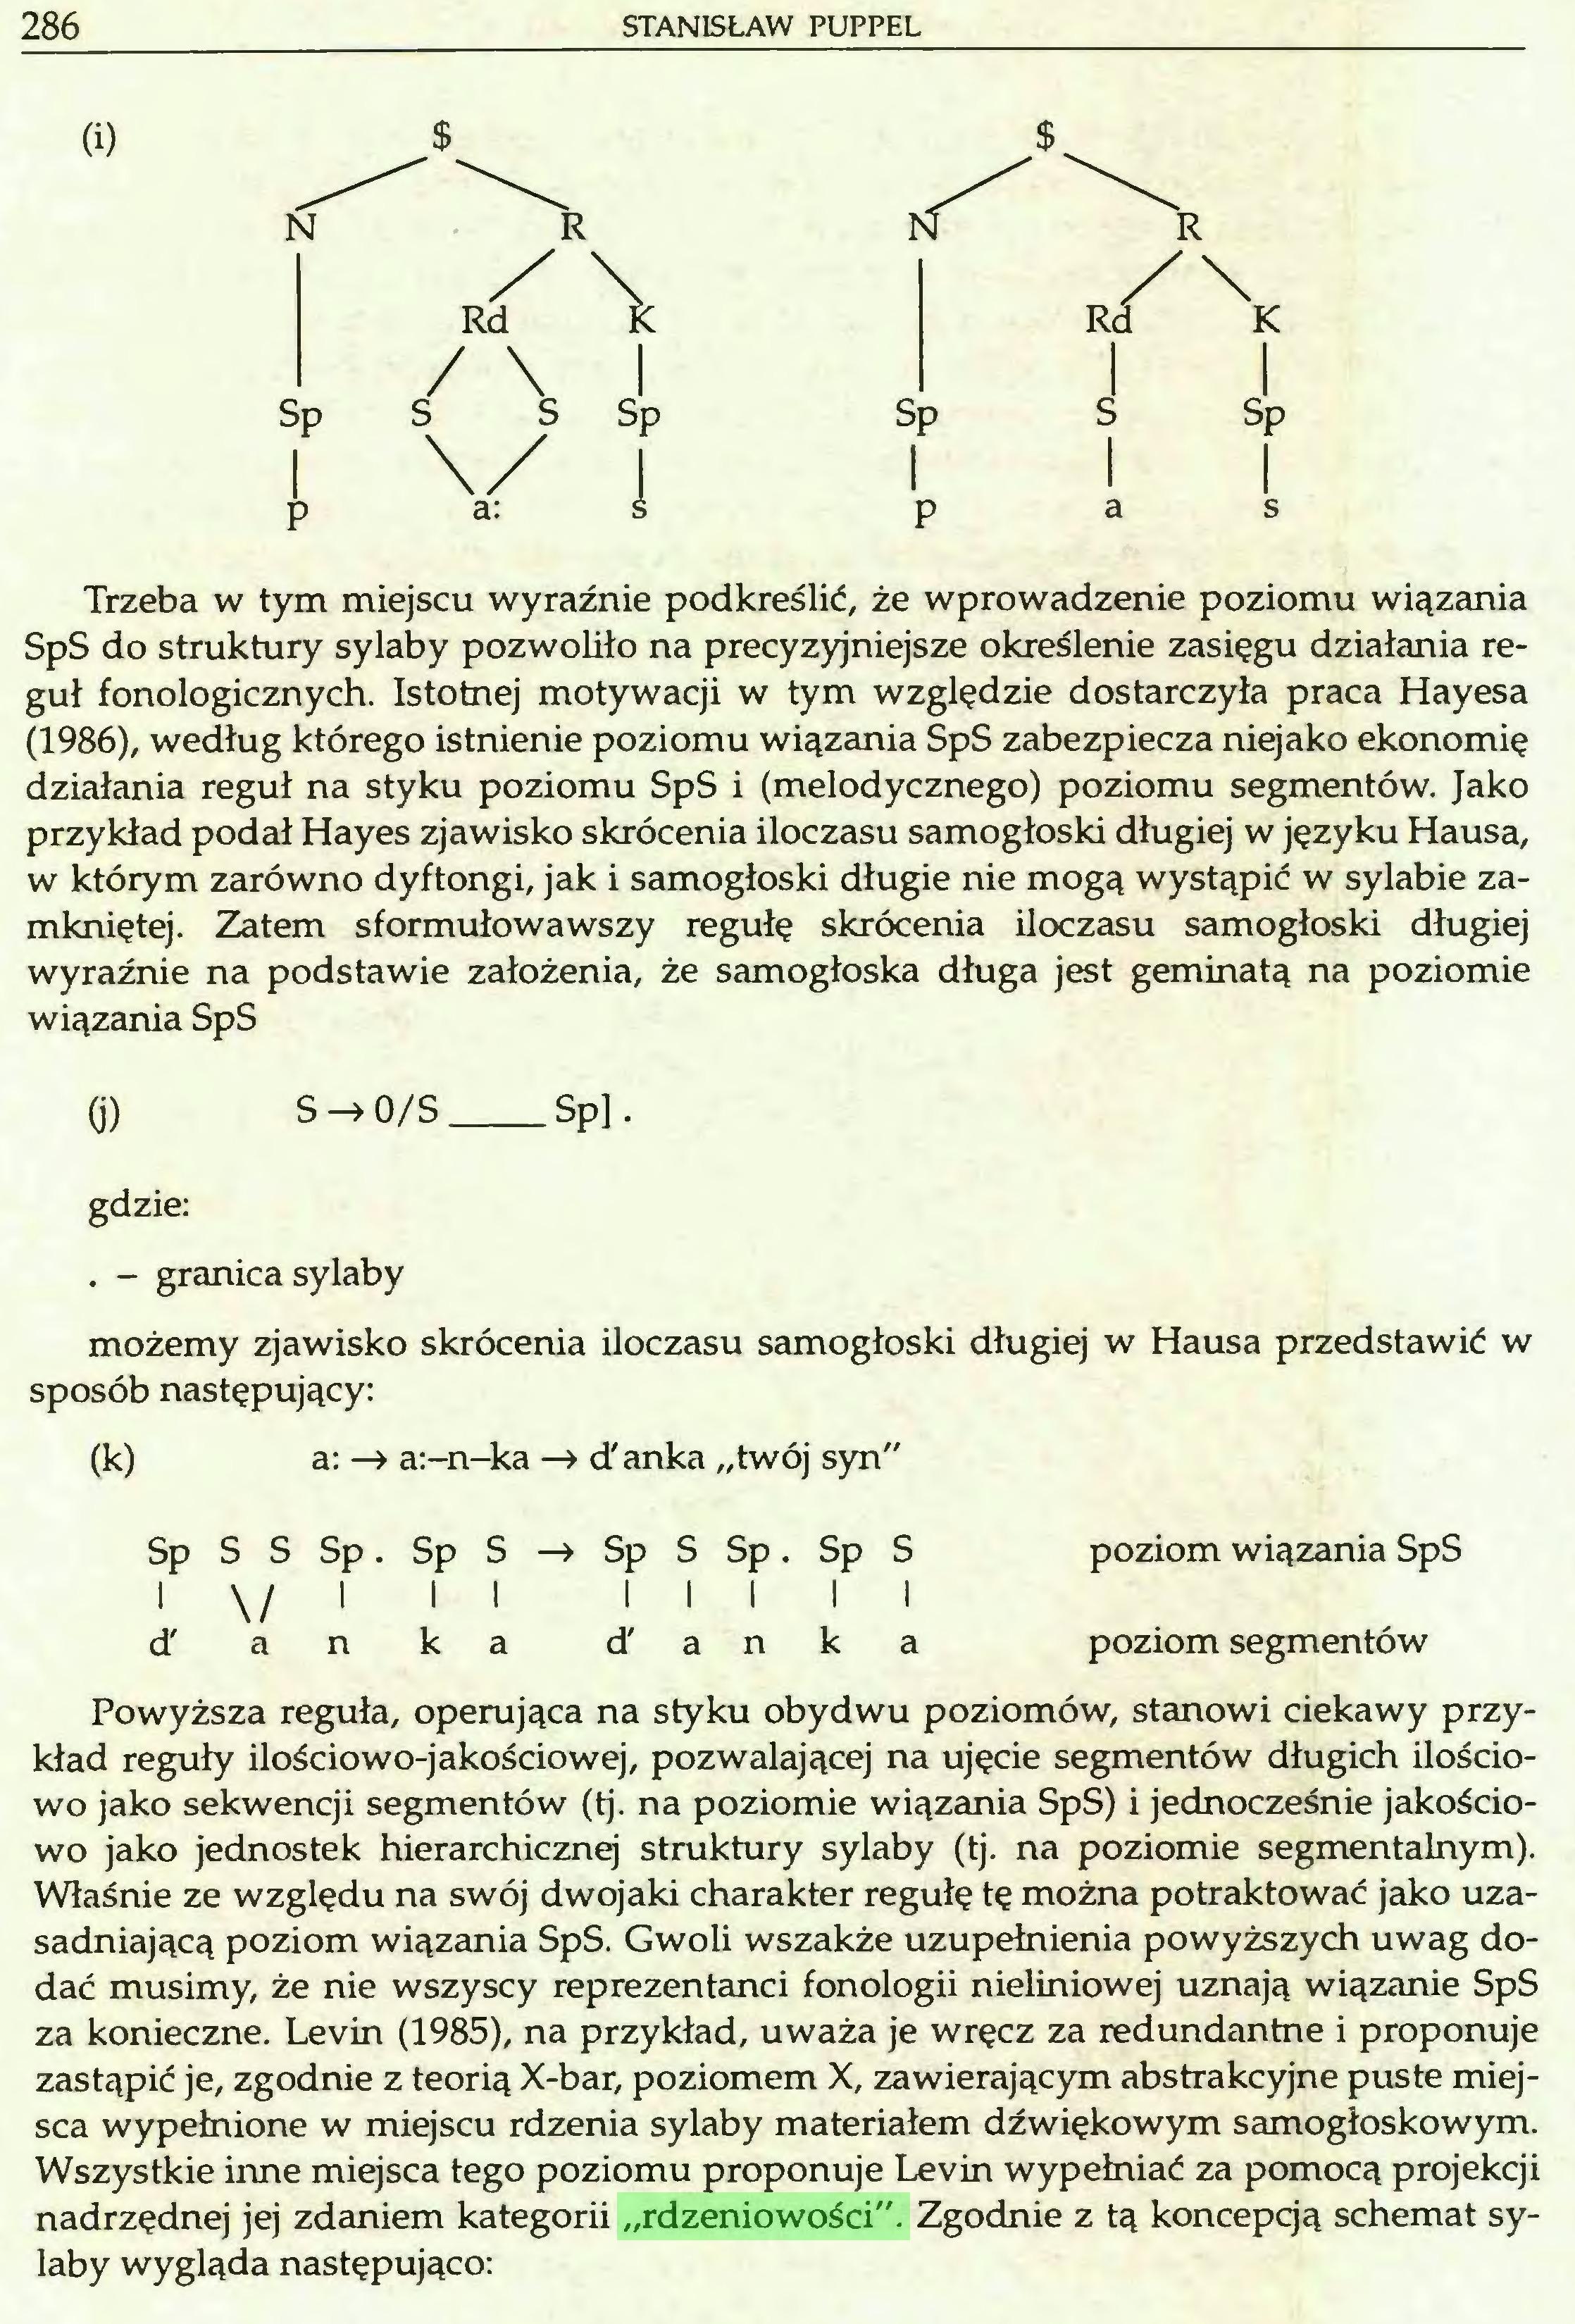 """(...) Wszystkie inne miejsca tego poziomu proponuje Levin wypełniać za pomocą projekcji nadrzędnej jej zdaniem kategorii """"rdzeniowości"""". Zgodnie z tą koncepcją schemat sylaby wygląda następująco: Sylaba w ujęciu fonologii nieliniowej 287..."""